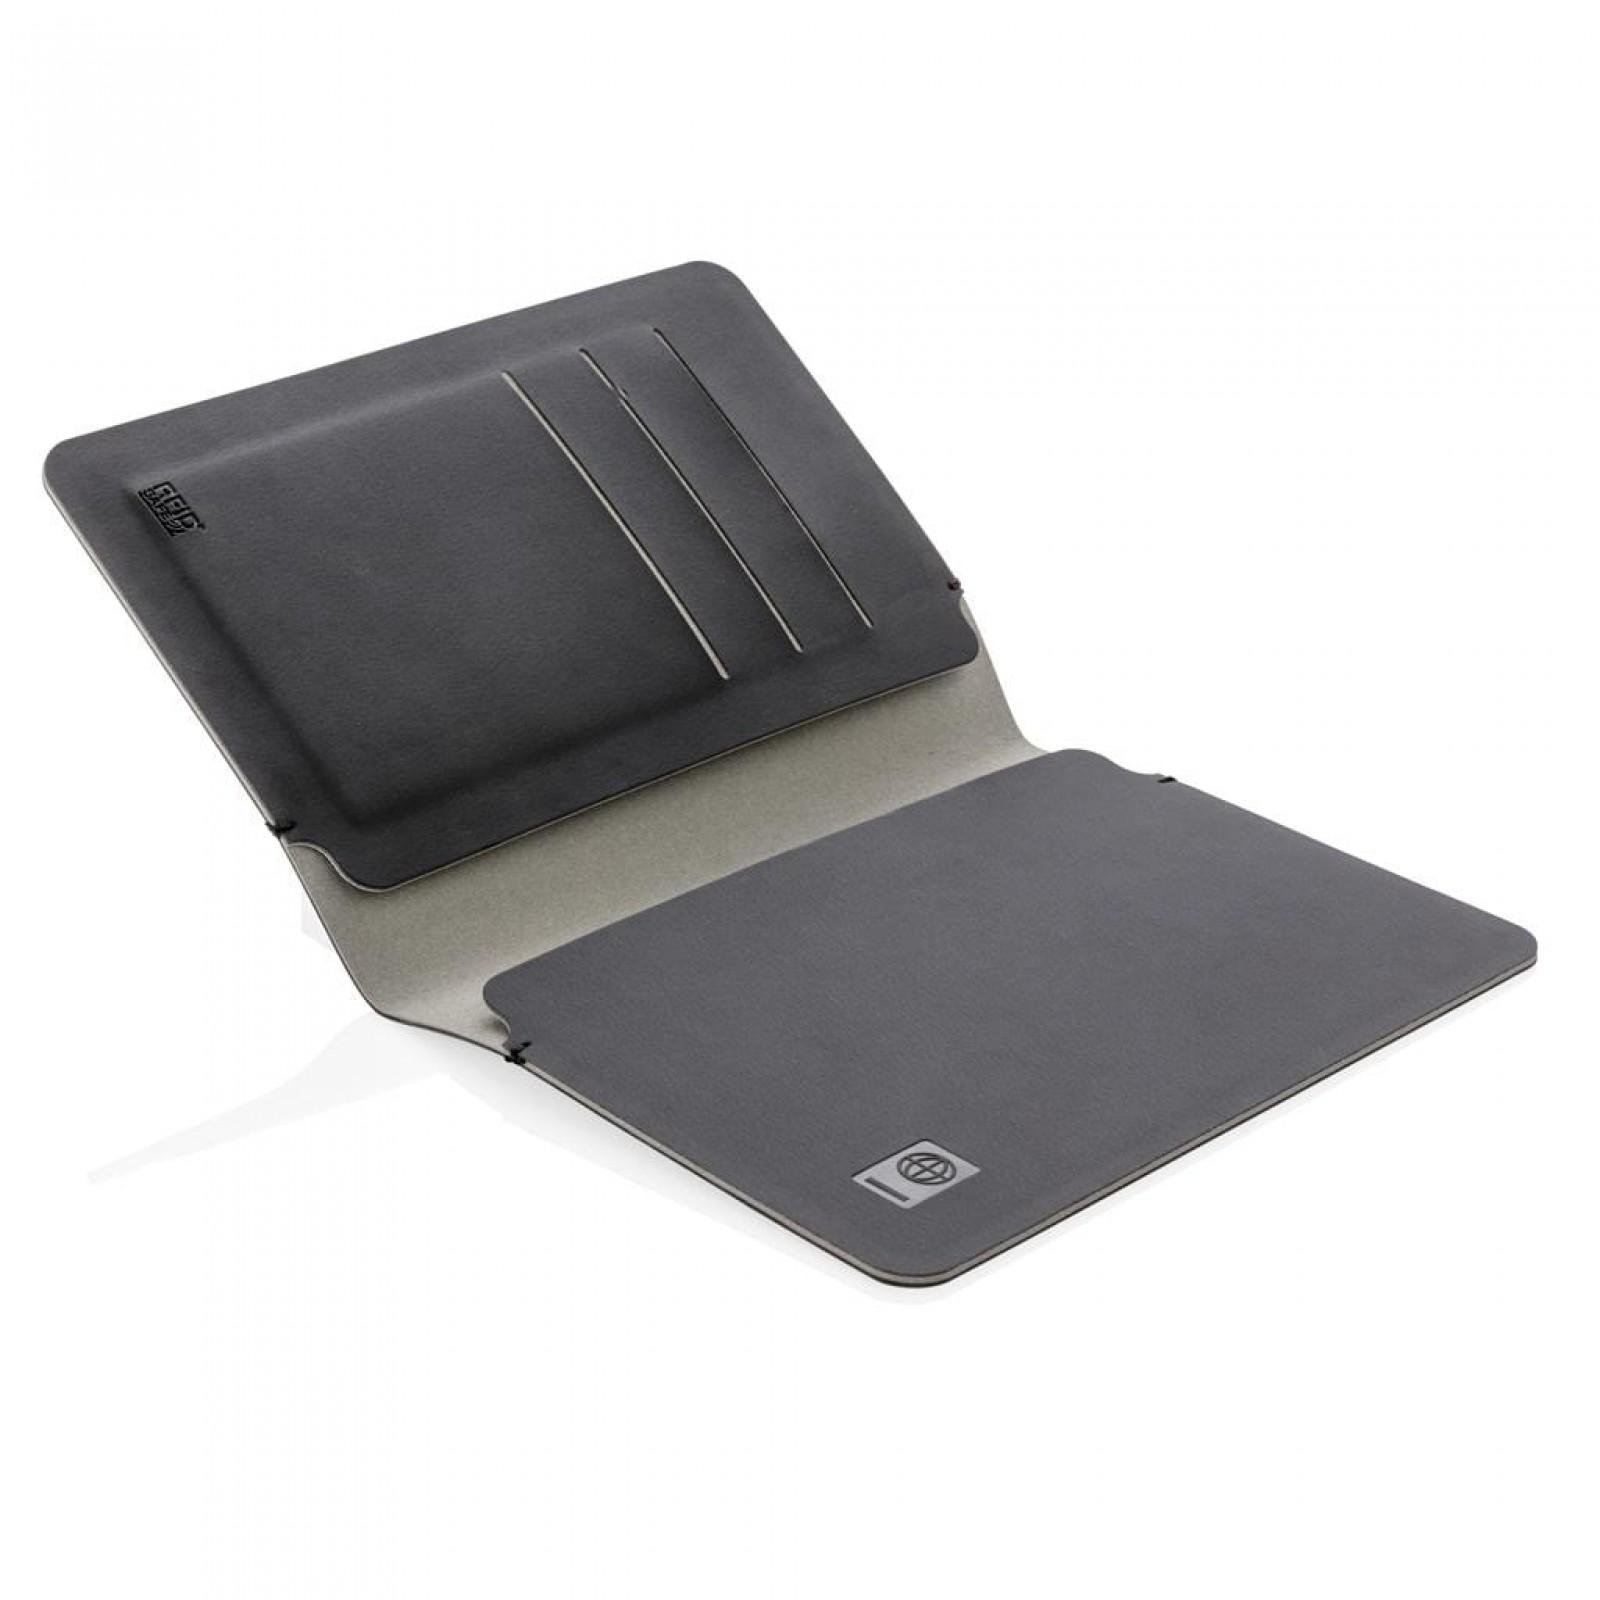 Quebec RFID Safe Card & Passport Holder (Black) - XD Design